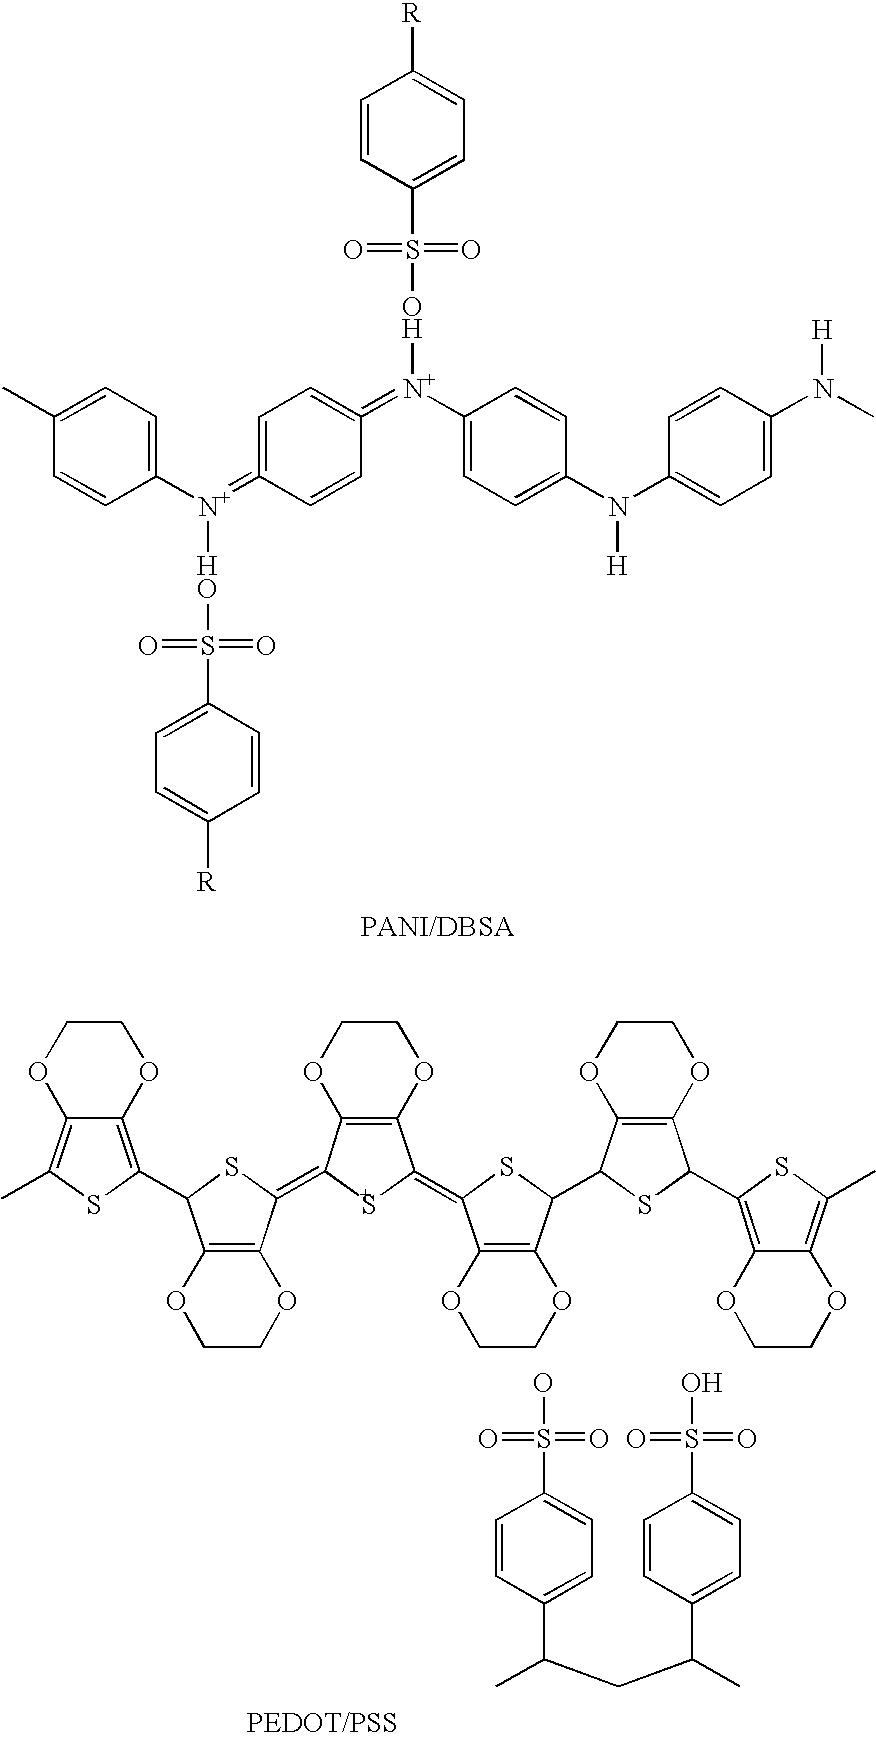 Figure US20080171226A1-20080717-C00001